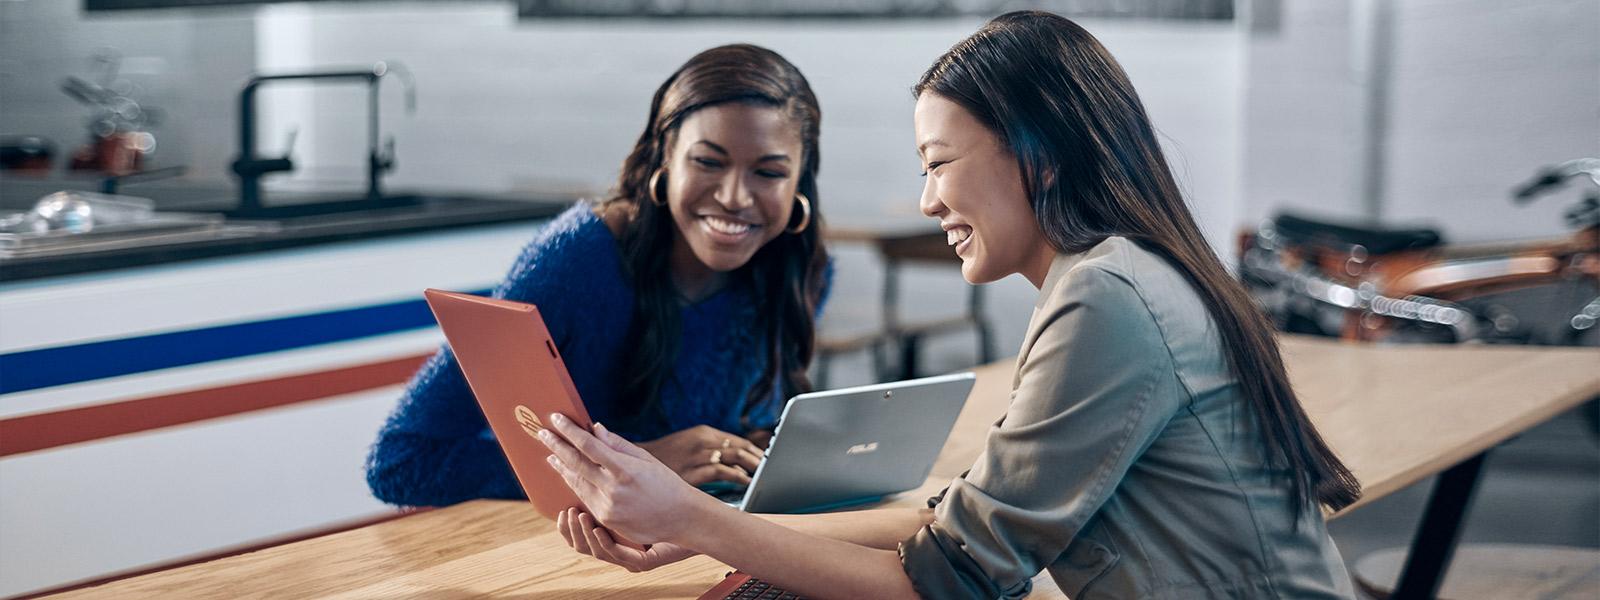 две женщины делятся содержимым на экране ноутбука 2-в-1